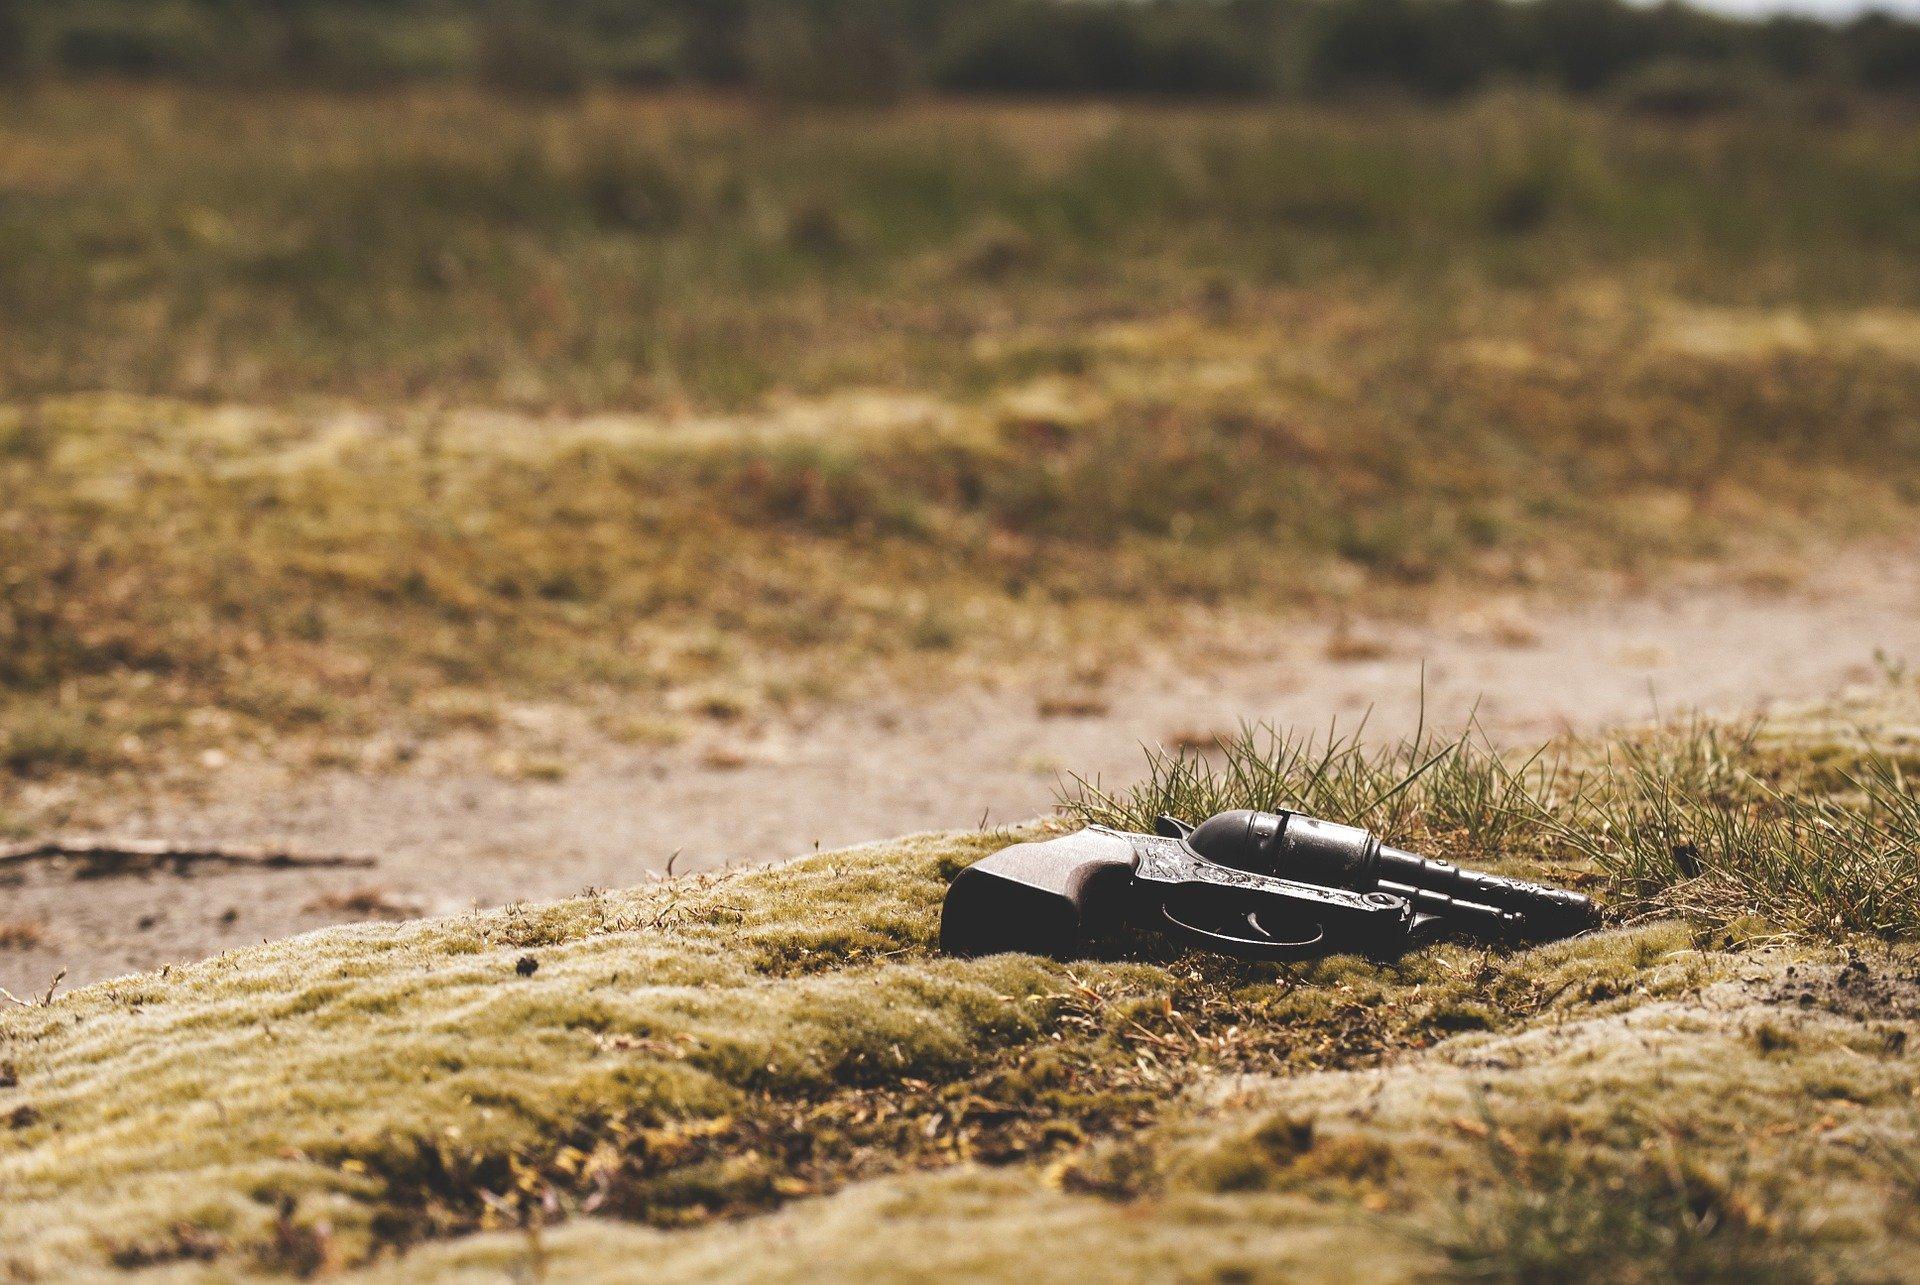 violencia/ Foto:pixabay